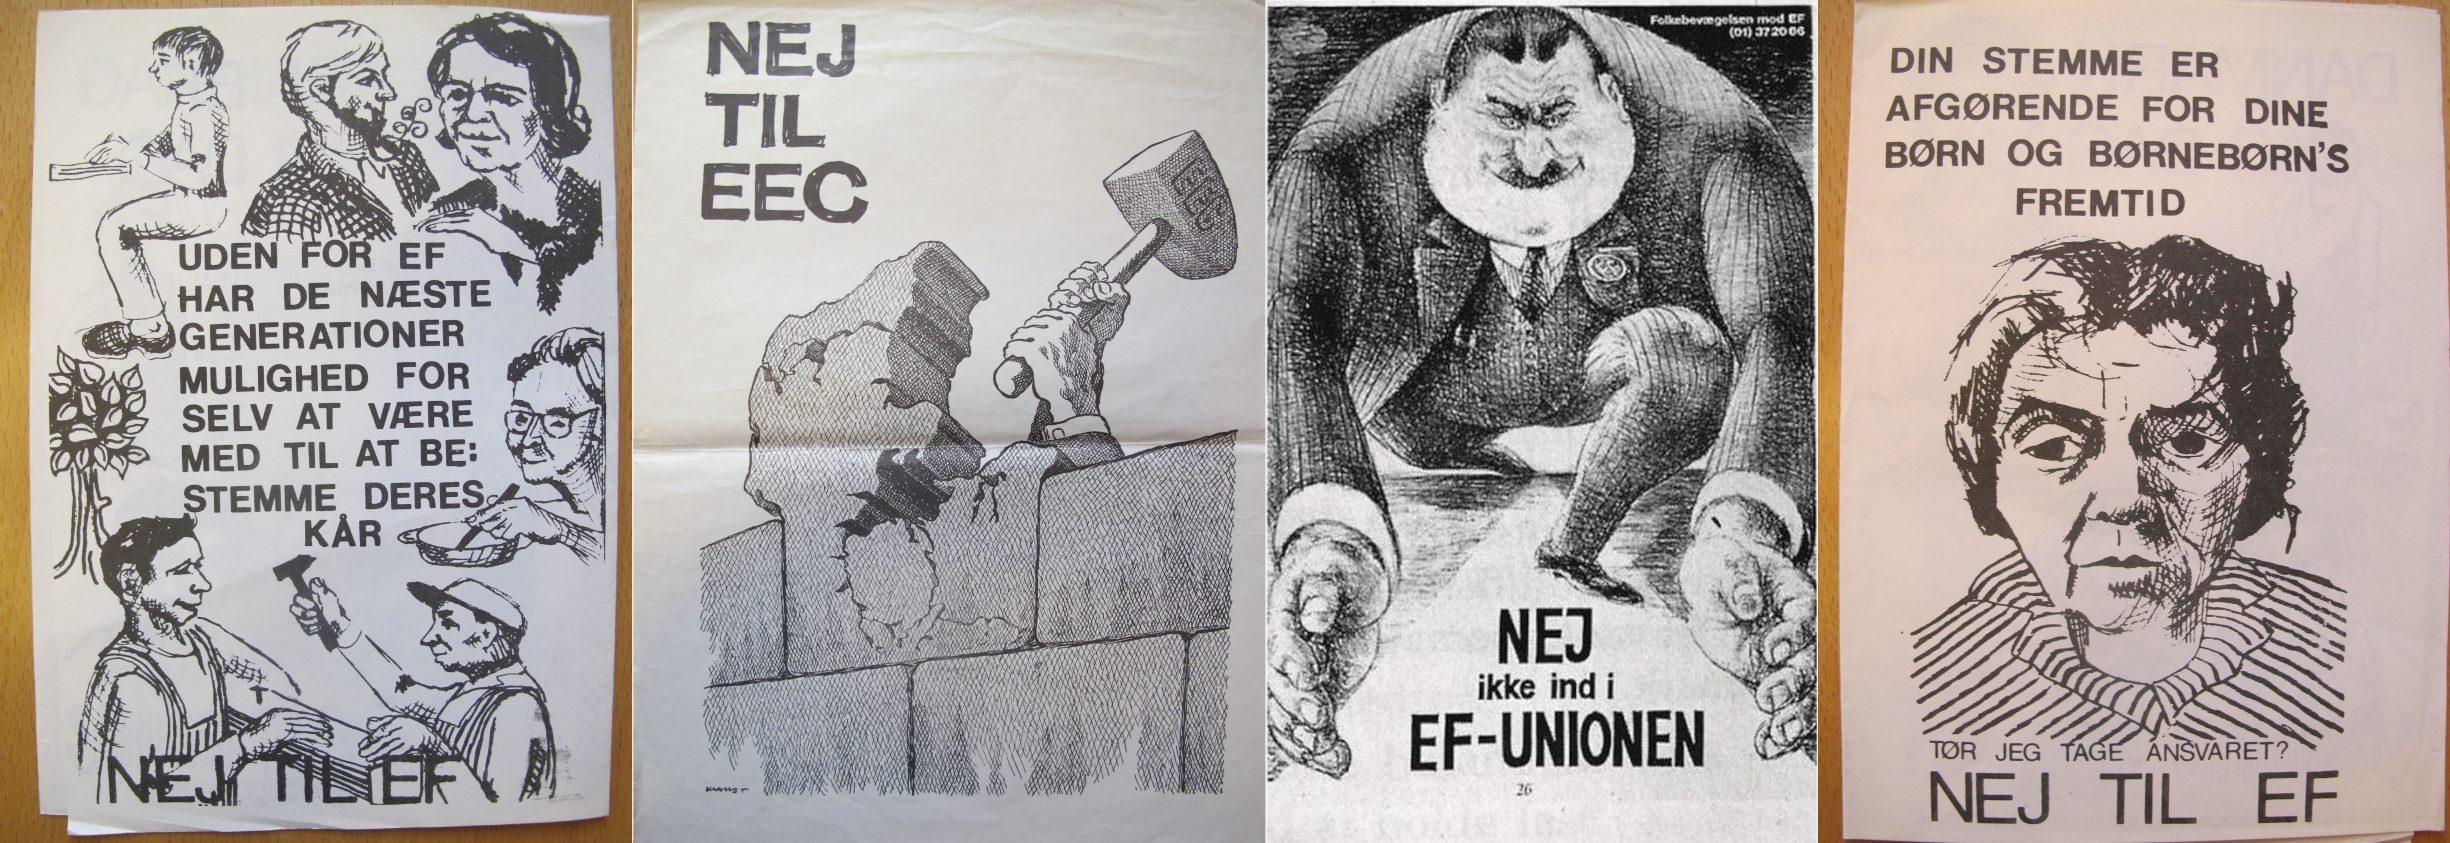 Eksempler på Nej plakater til EF-valget i 1972. Se 2. oktober 1972 nedenfor.